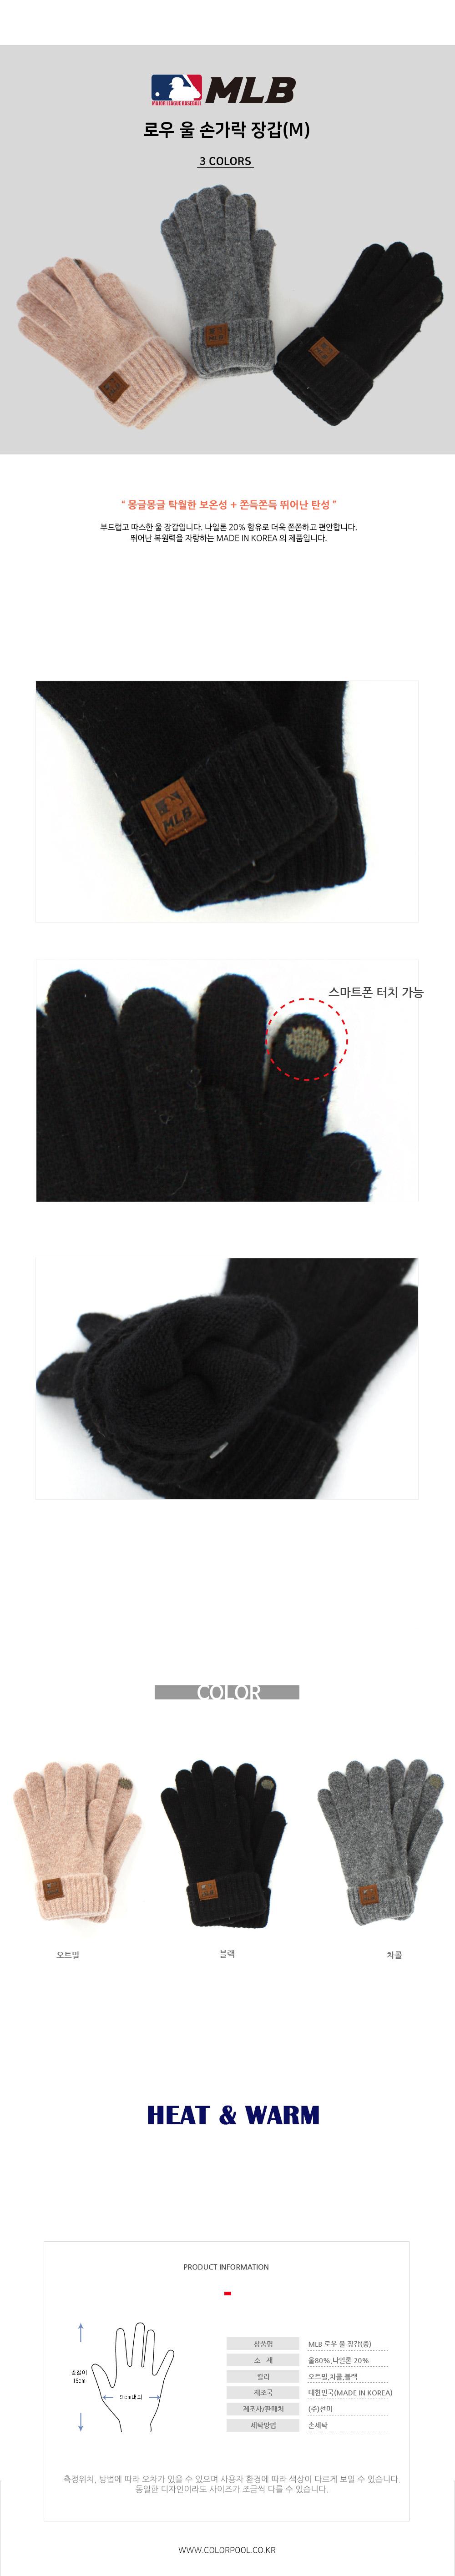 로우 여성용 울 손가락 장갑 - 엠엘비, 15,900원, 장갑, 니트장갑